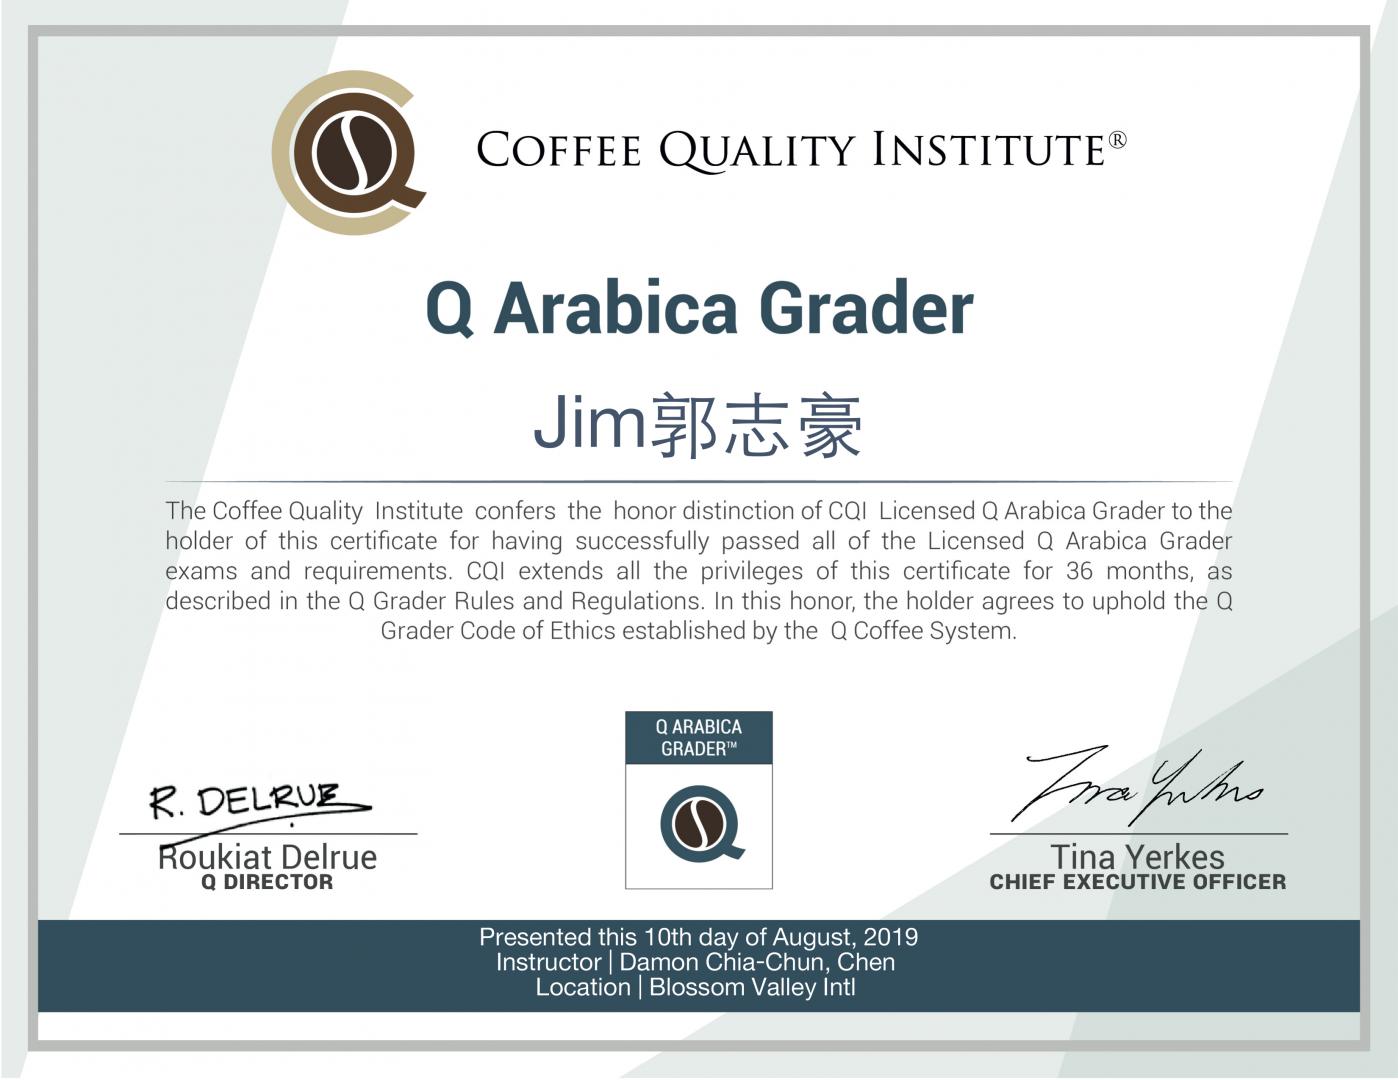 國際咖啡品質鑑定師